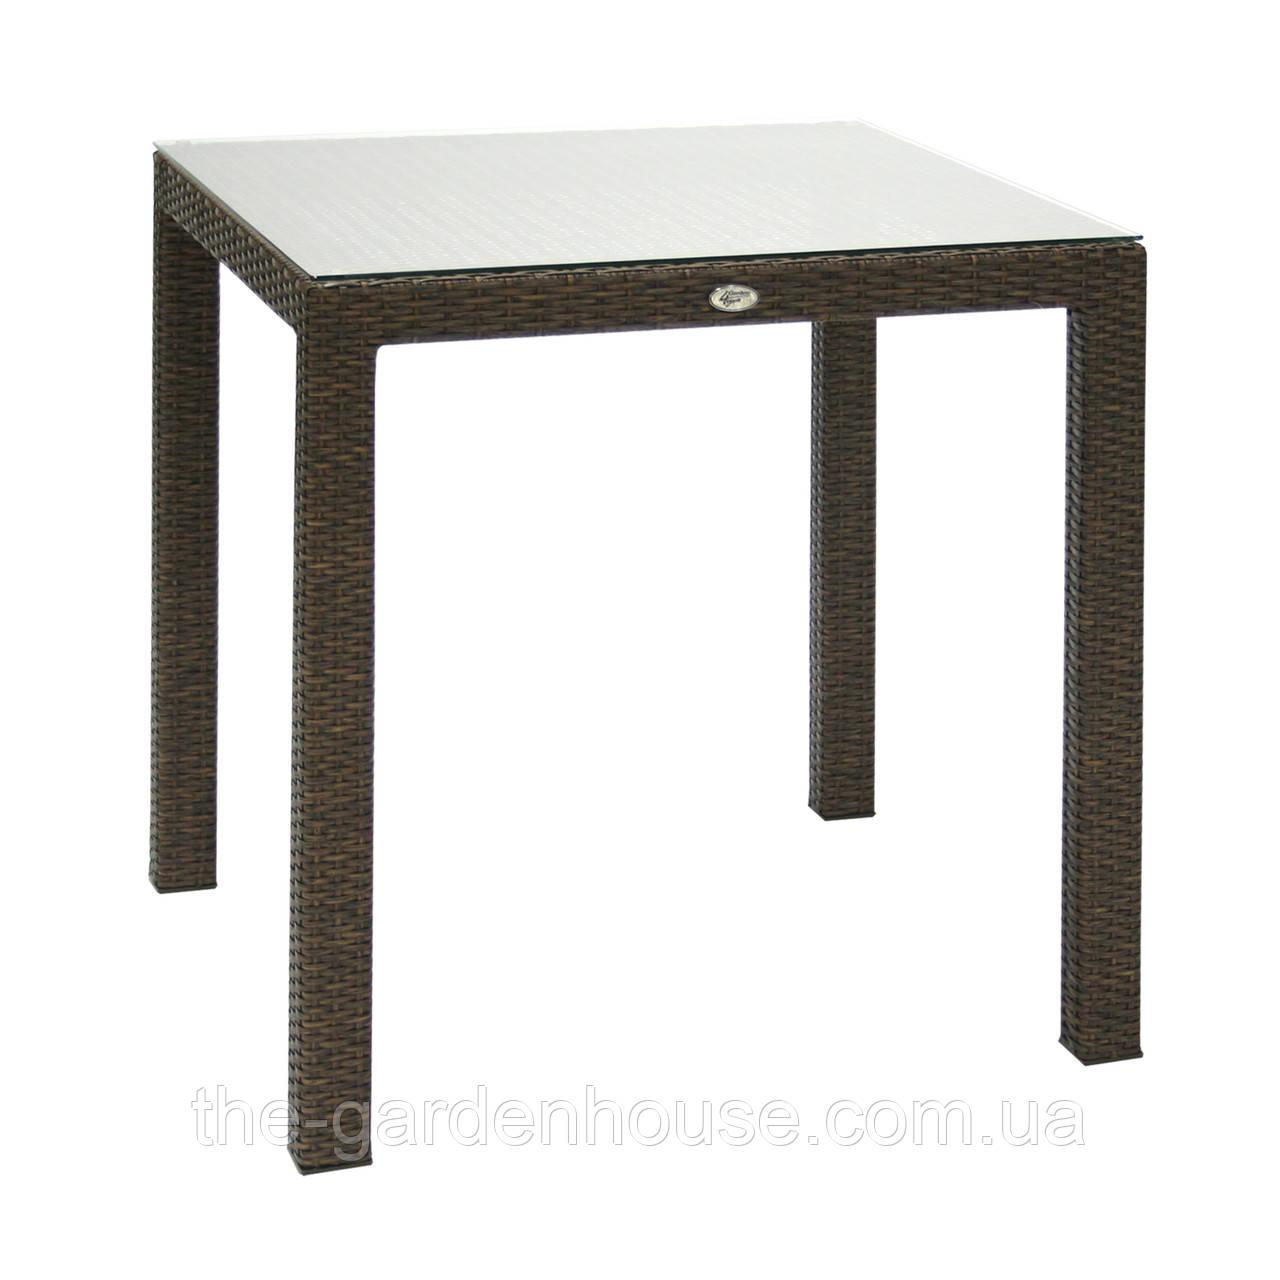 Обеденный стол Wicker из искусственного ротанга 73х73 см коричневый